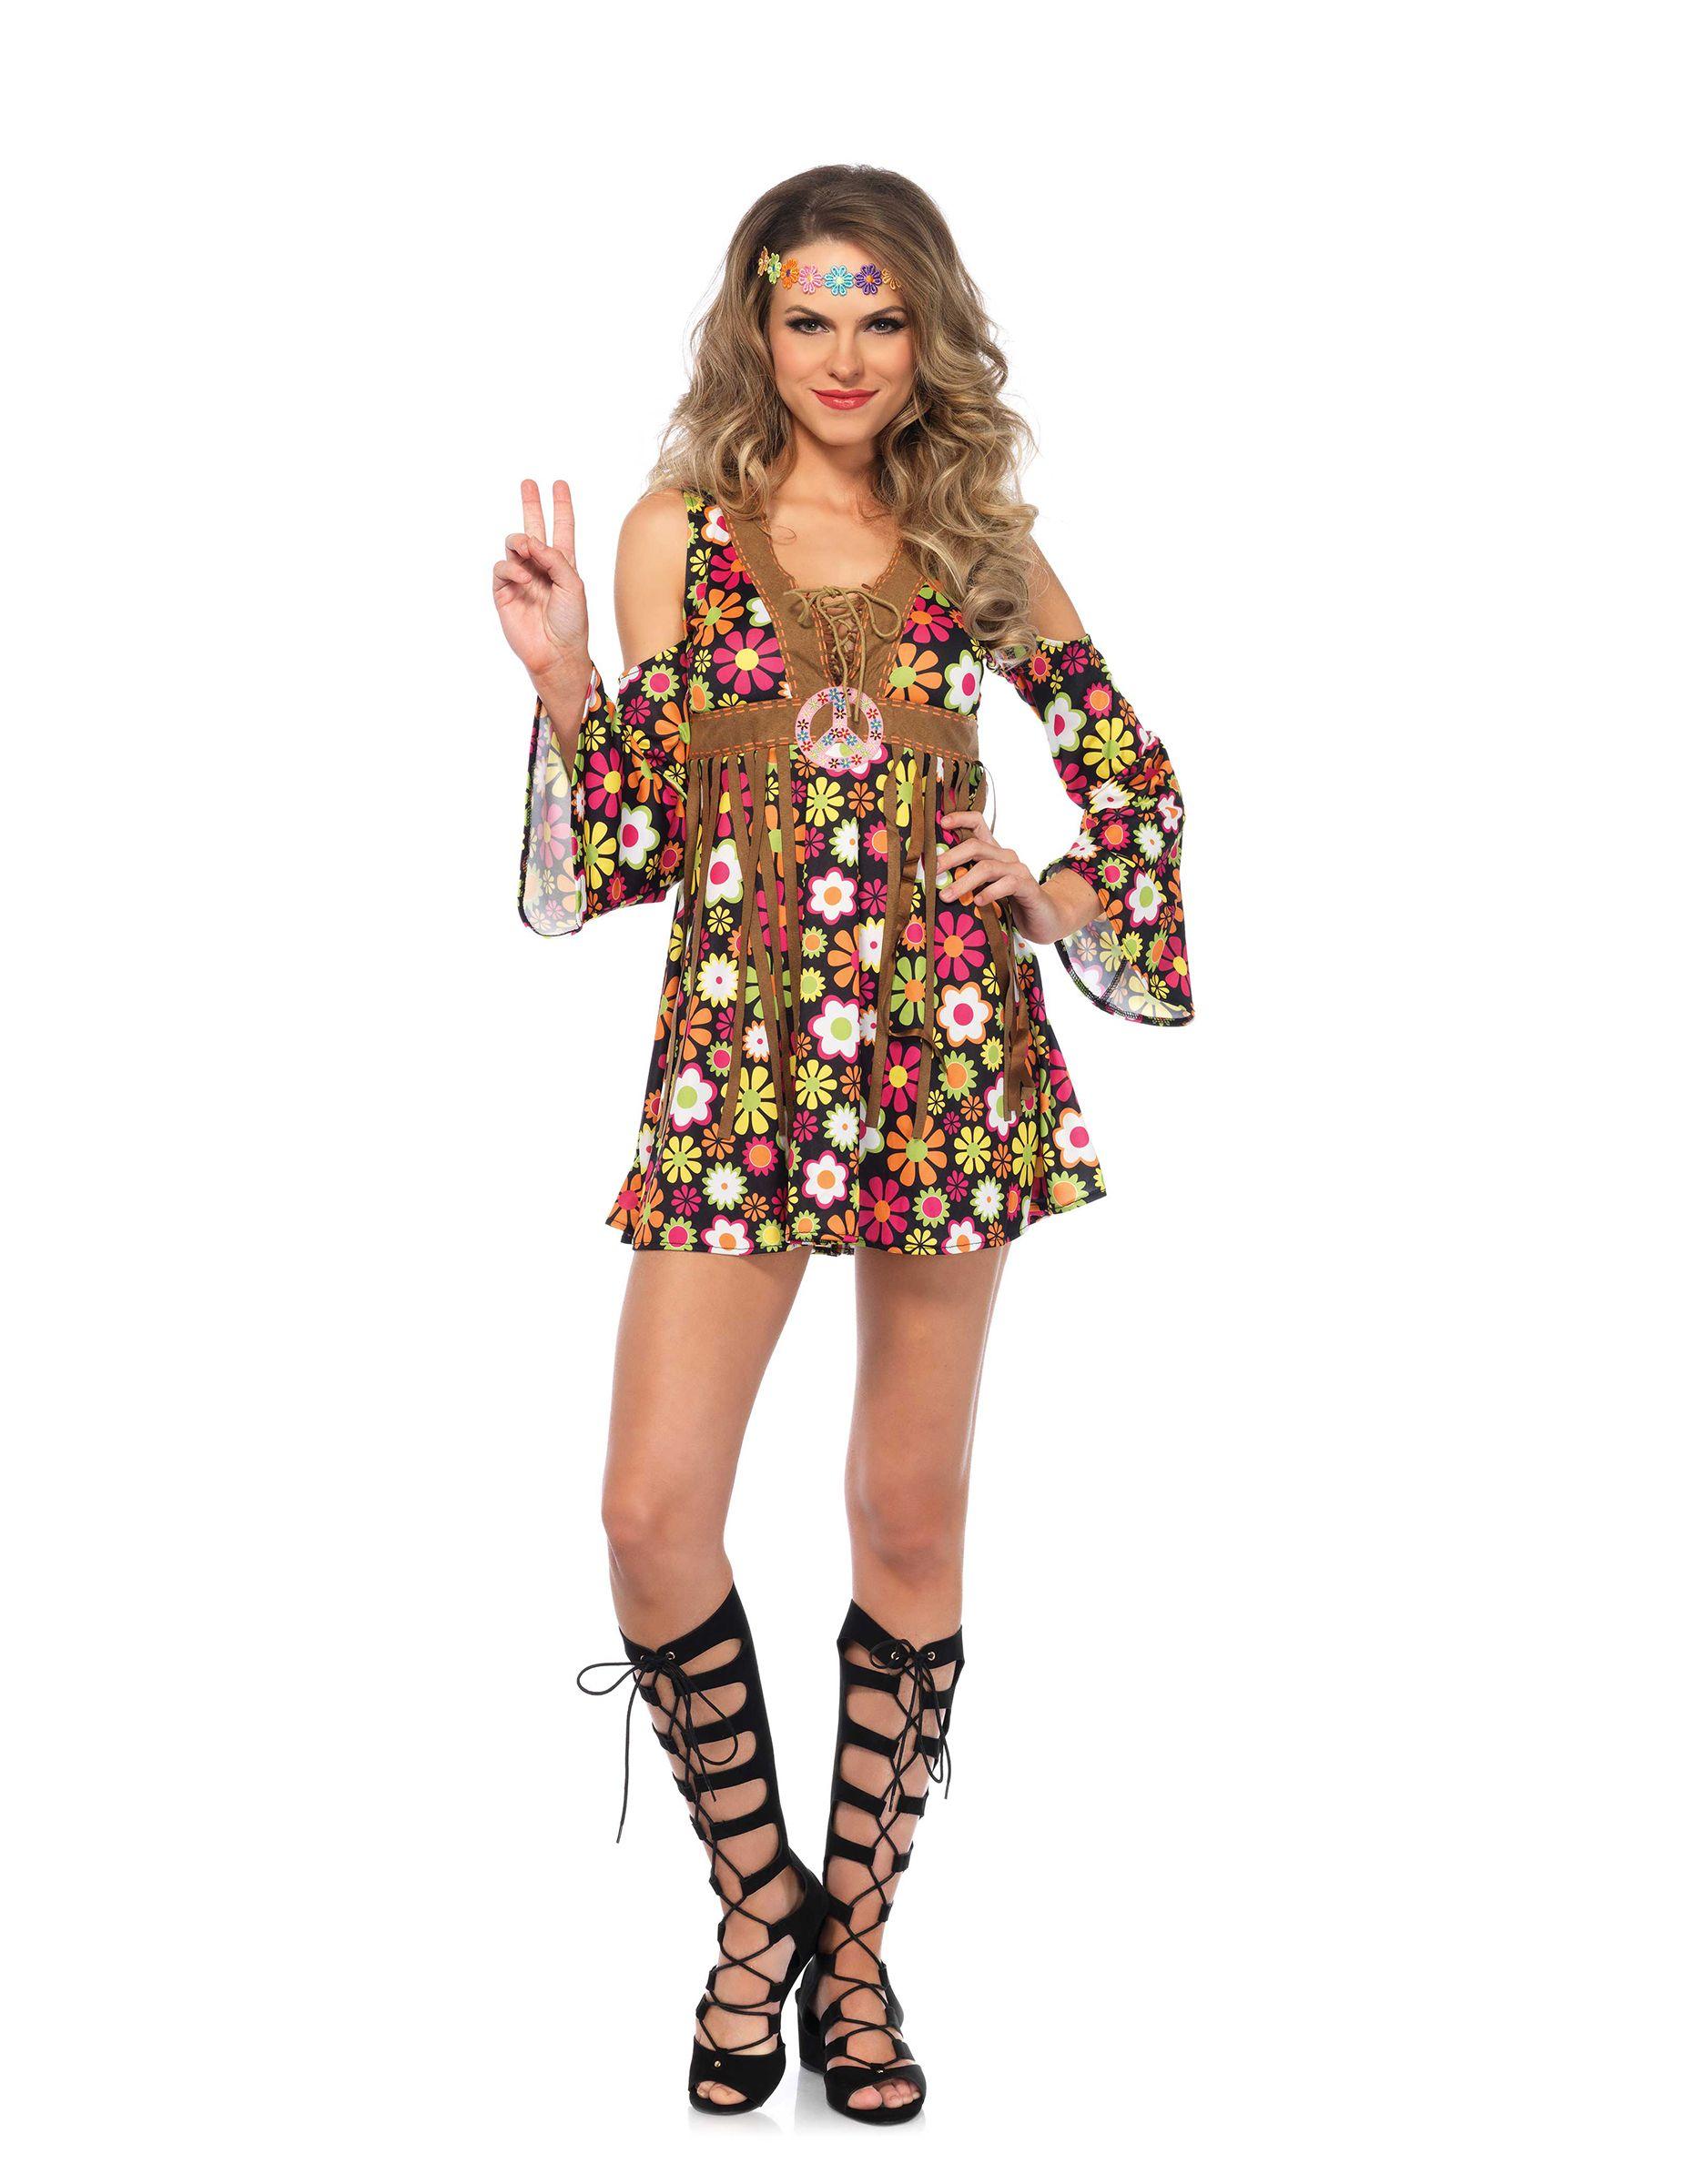 ANNI 60 PSYCHEDELIC Hippy Donna Costume Anni/'60 Retrò da donna Hippie Costume da adulto